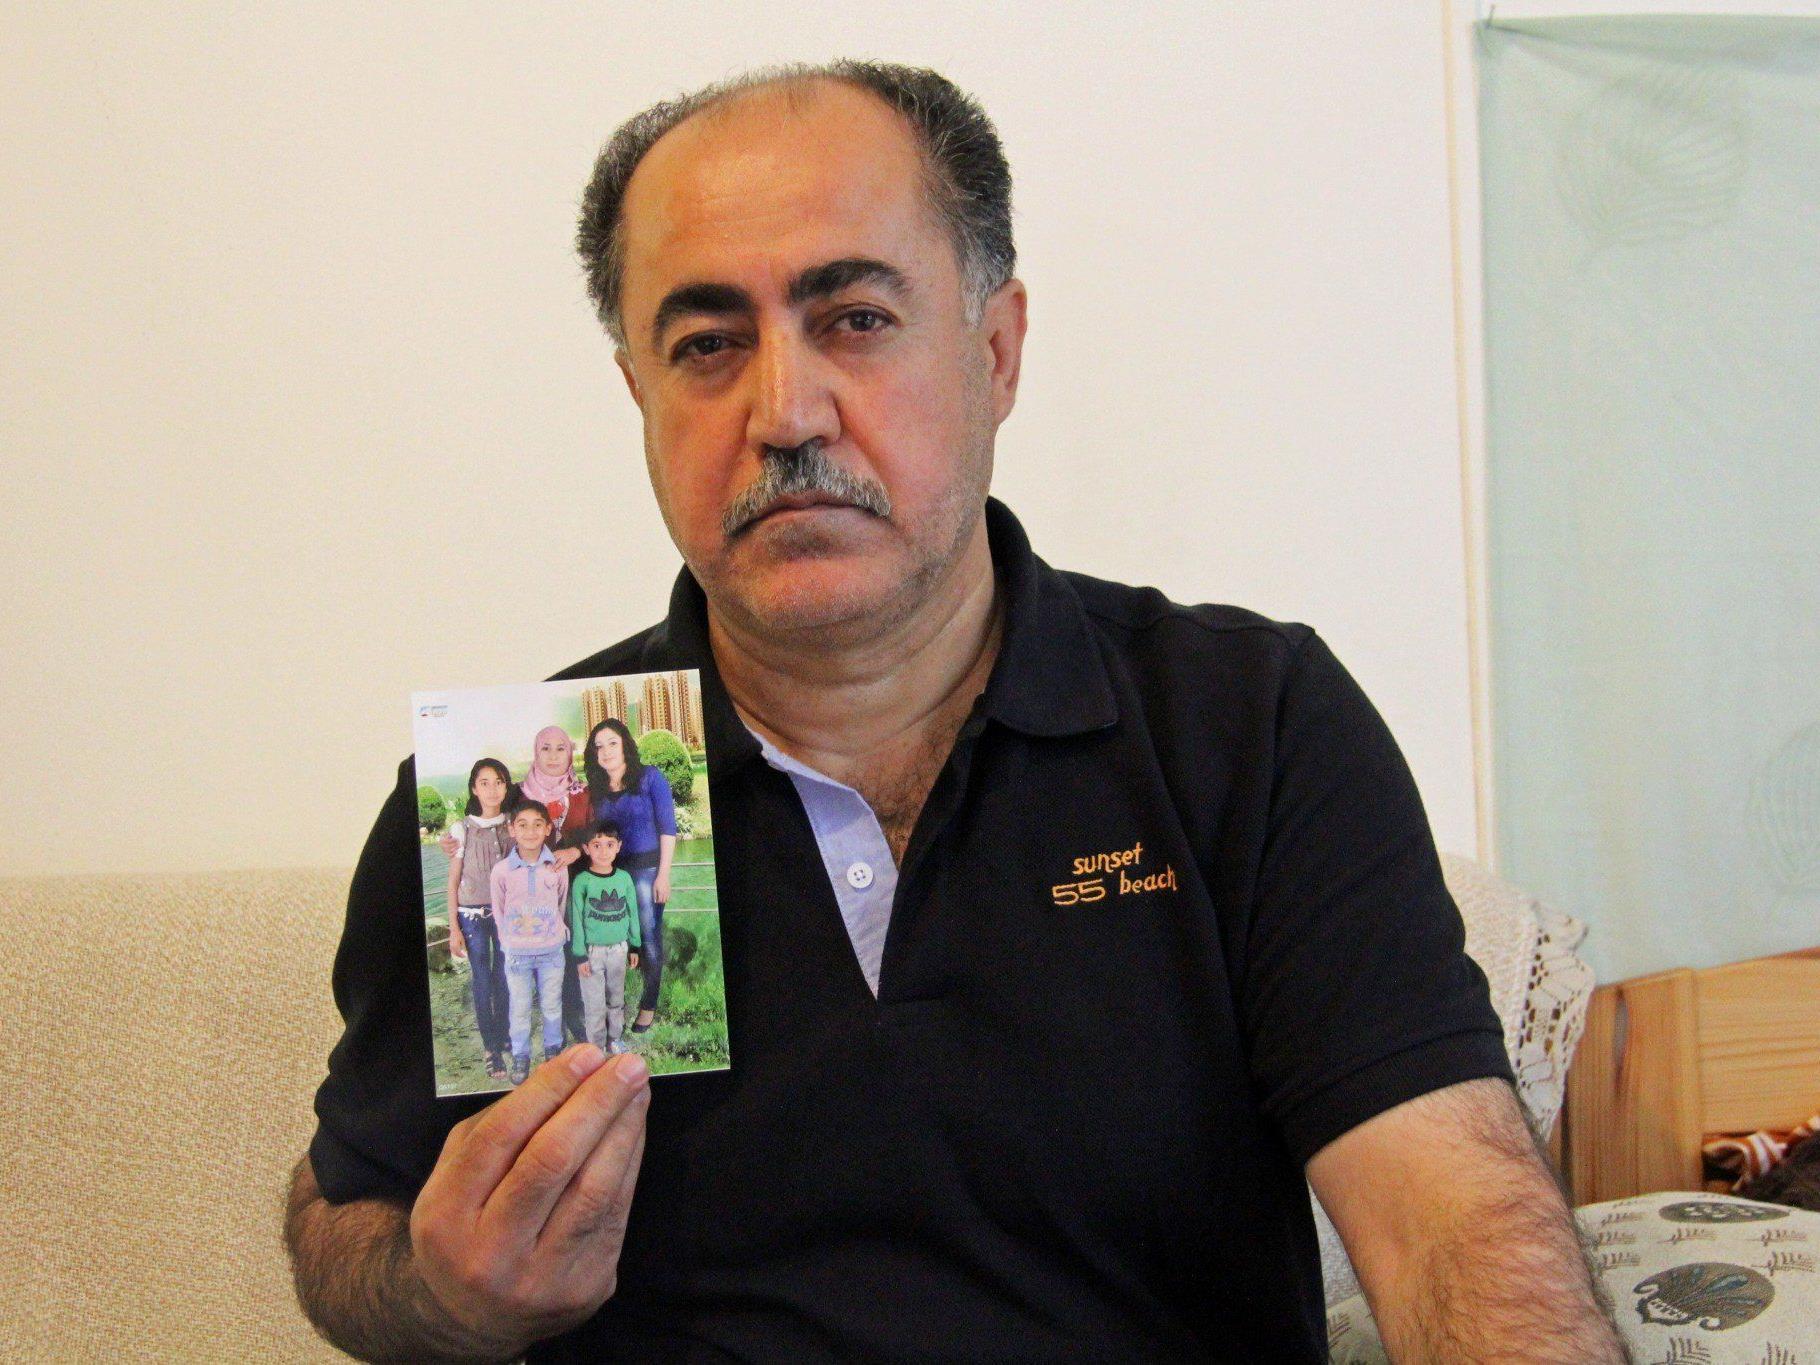 Mozafer Kischti mit einem Foto seiner Familie - gerne würde er sie sofort nach Österreich holen.